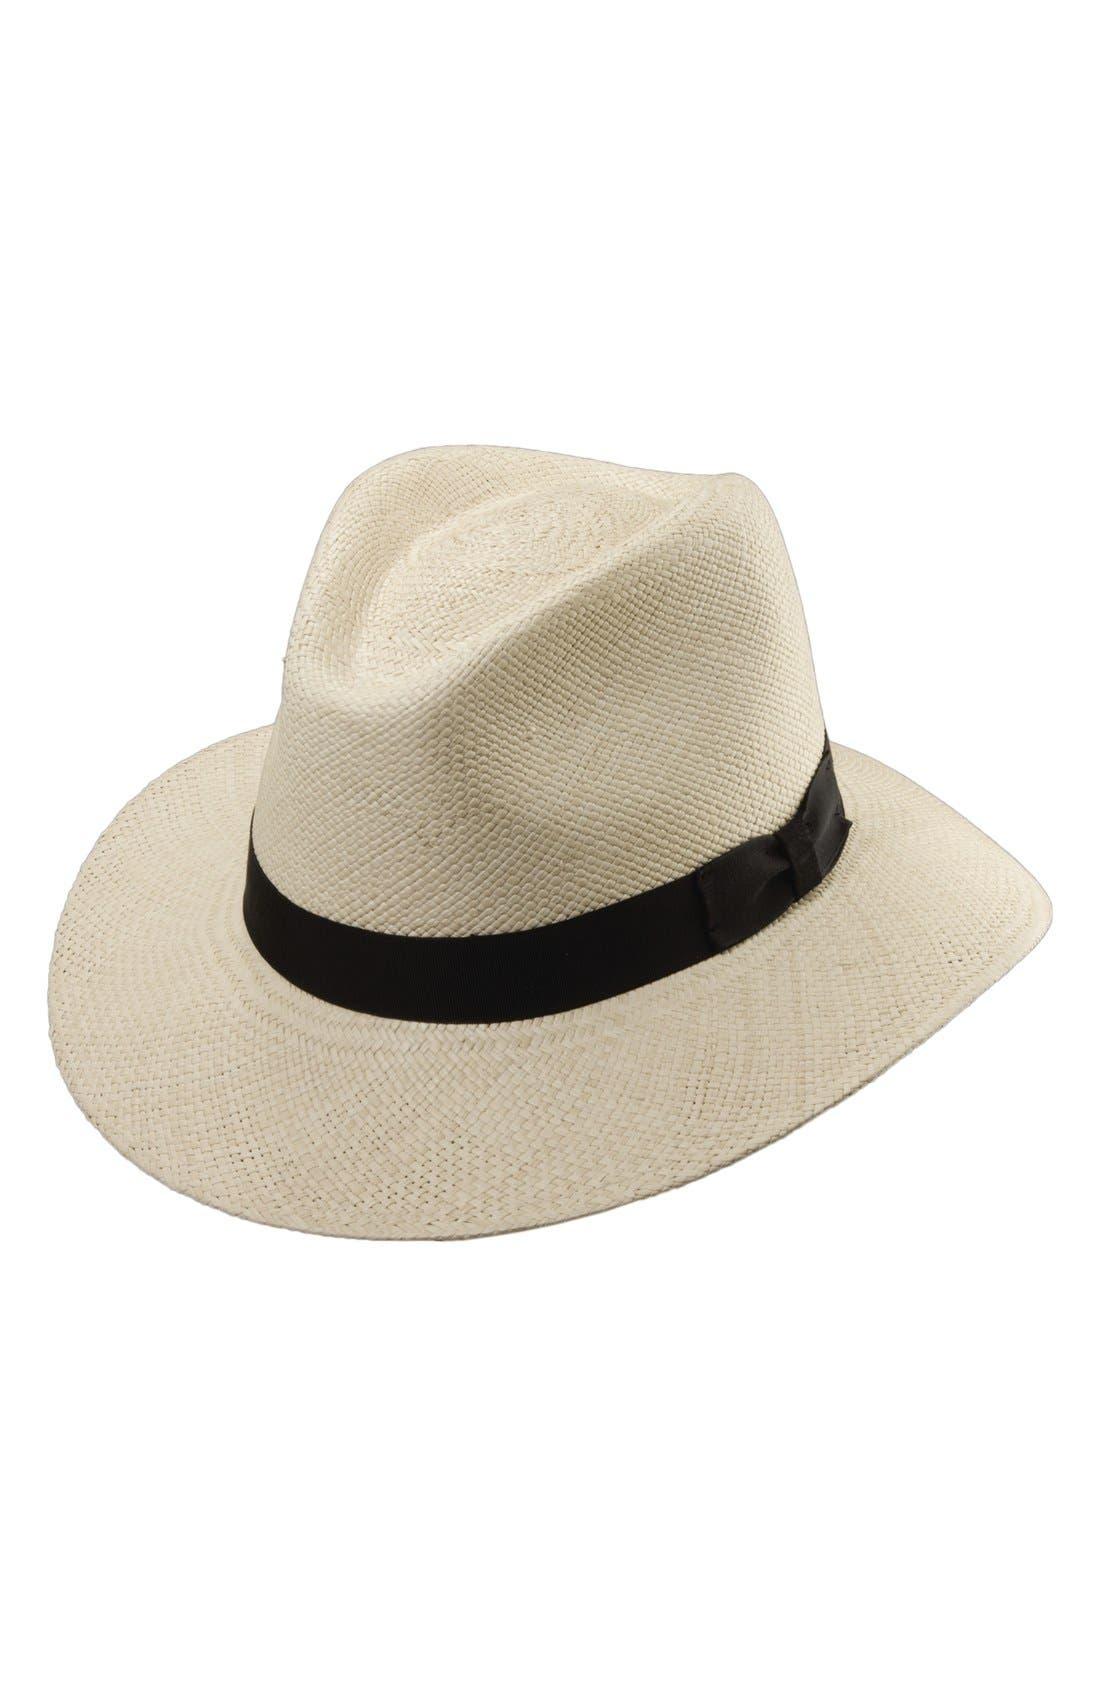 Panama Straw Safari Hat,                         Main,                         color, NATURAL